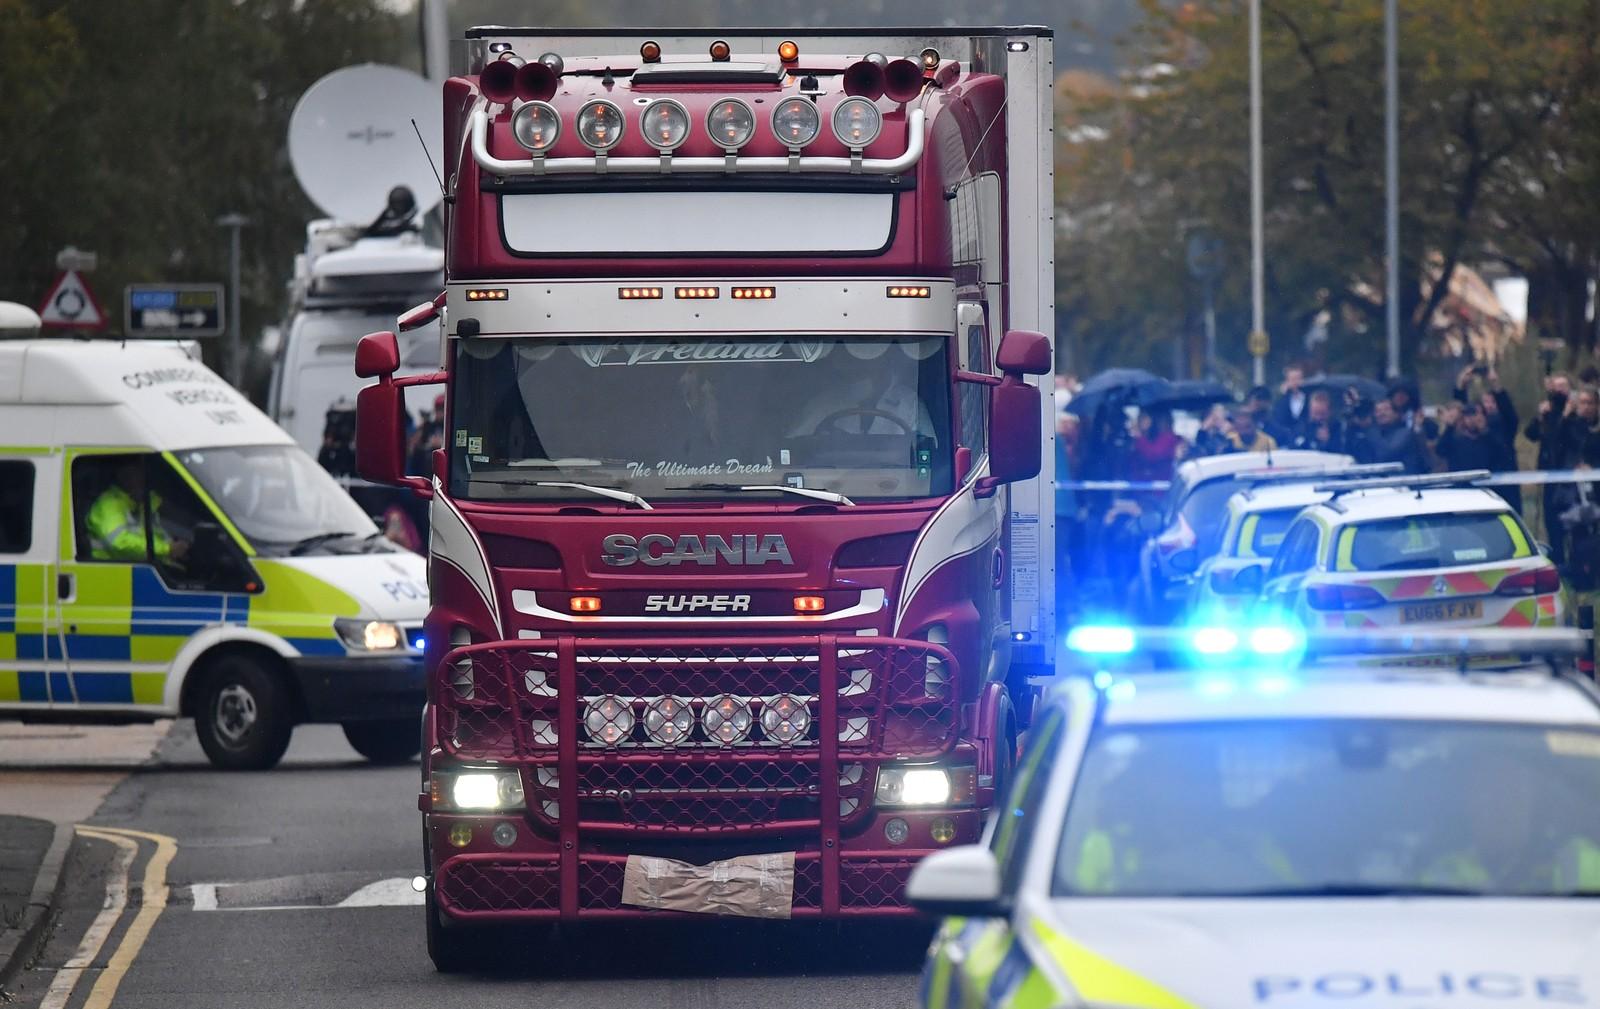 Policial dirige caminhão encontrado com 39 corpos em Grays, na região de Essex, na Inglaterra, na quarta-feira (23) — Foto: Ben Stansall / AFP